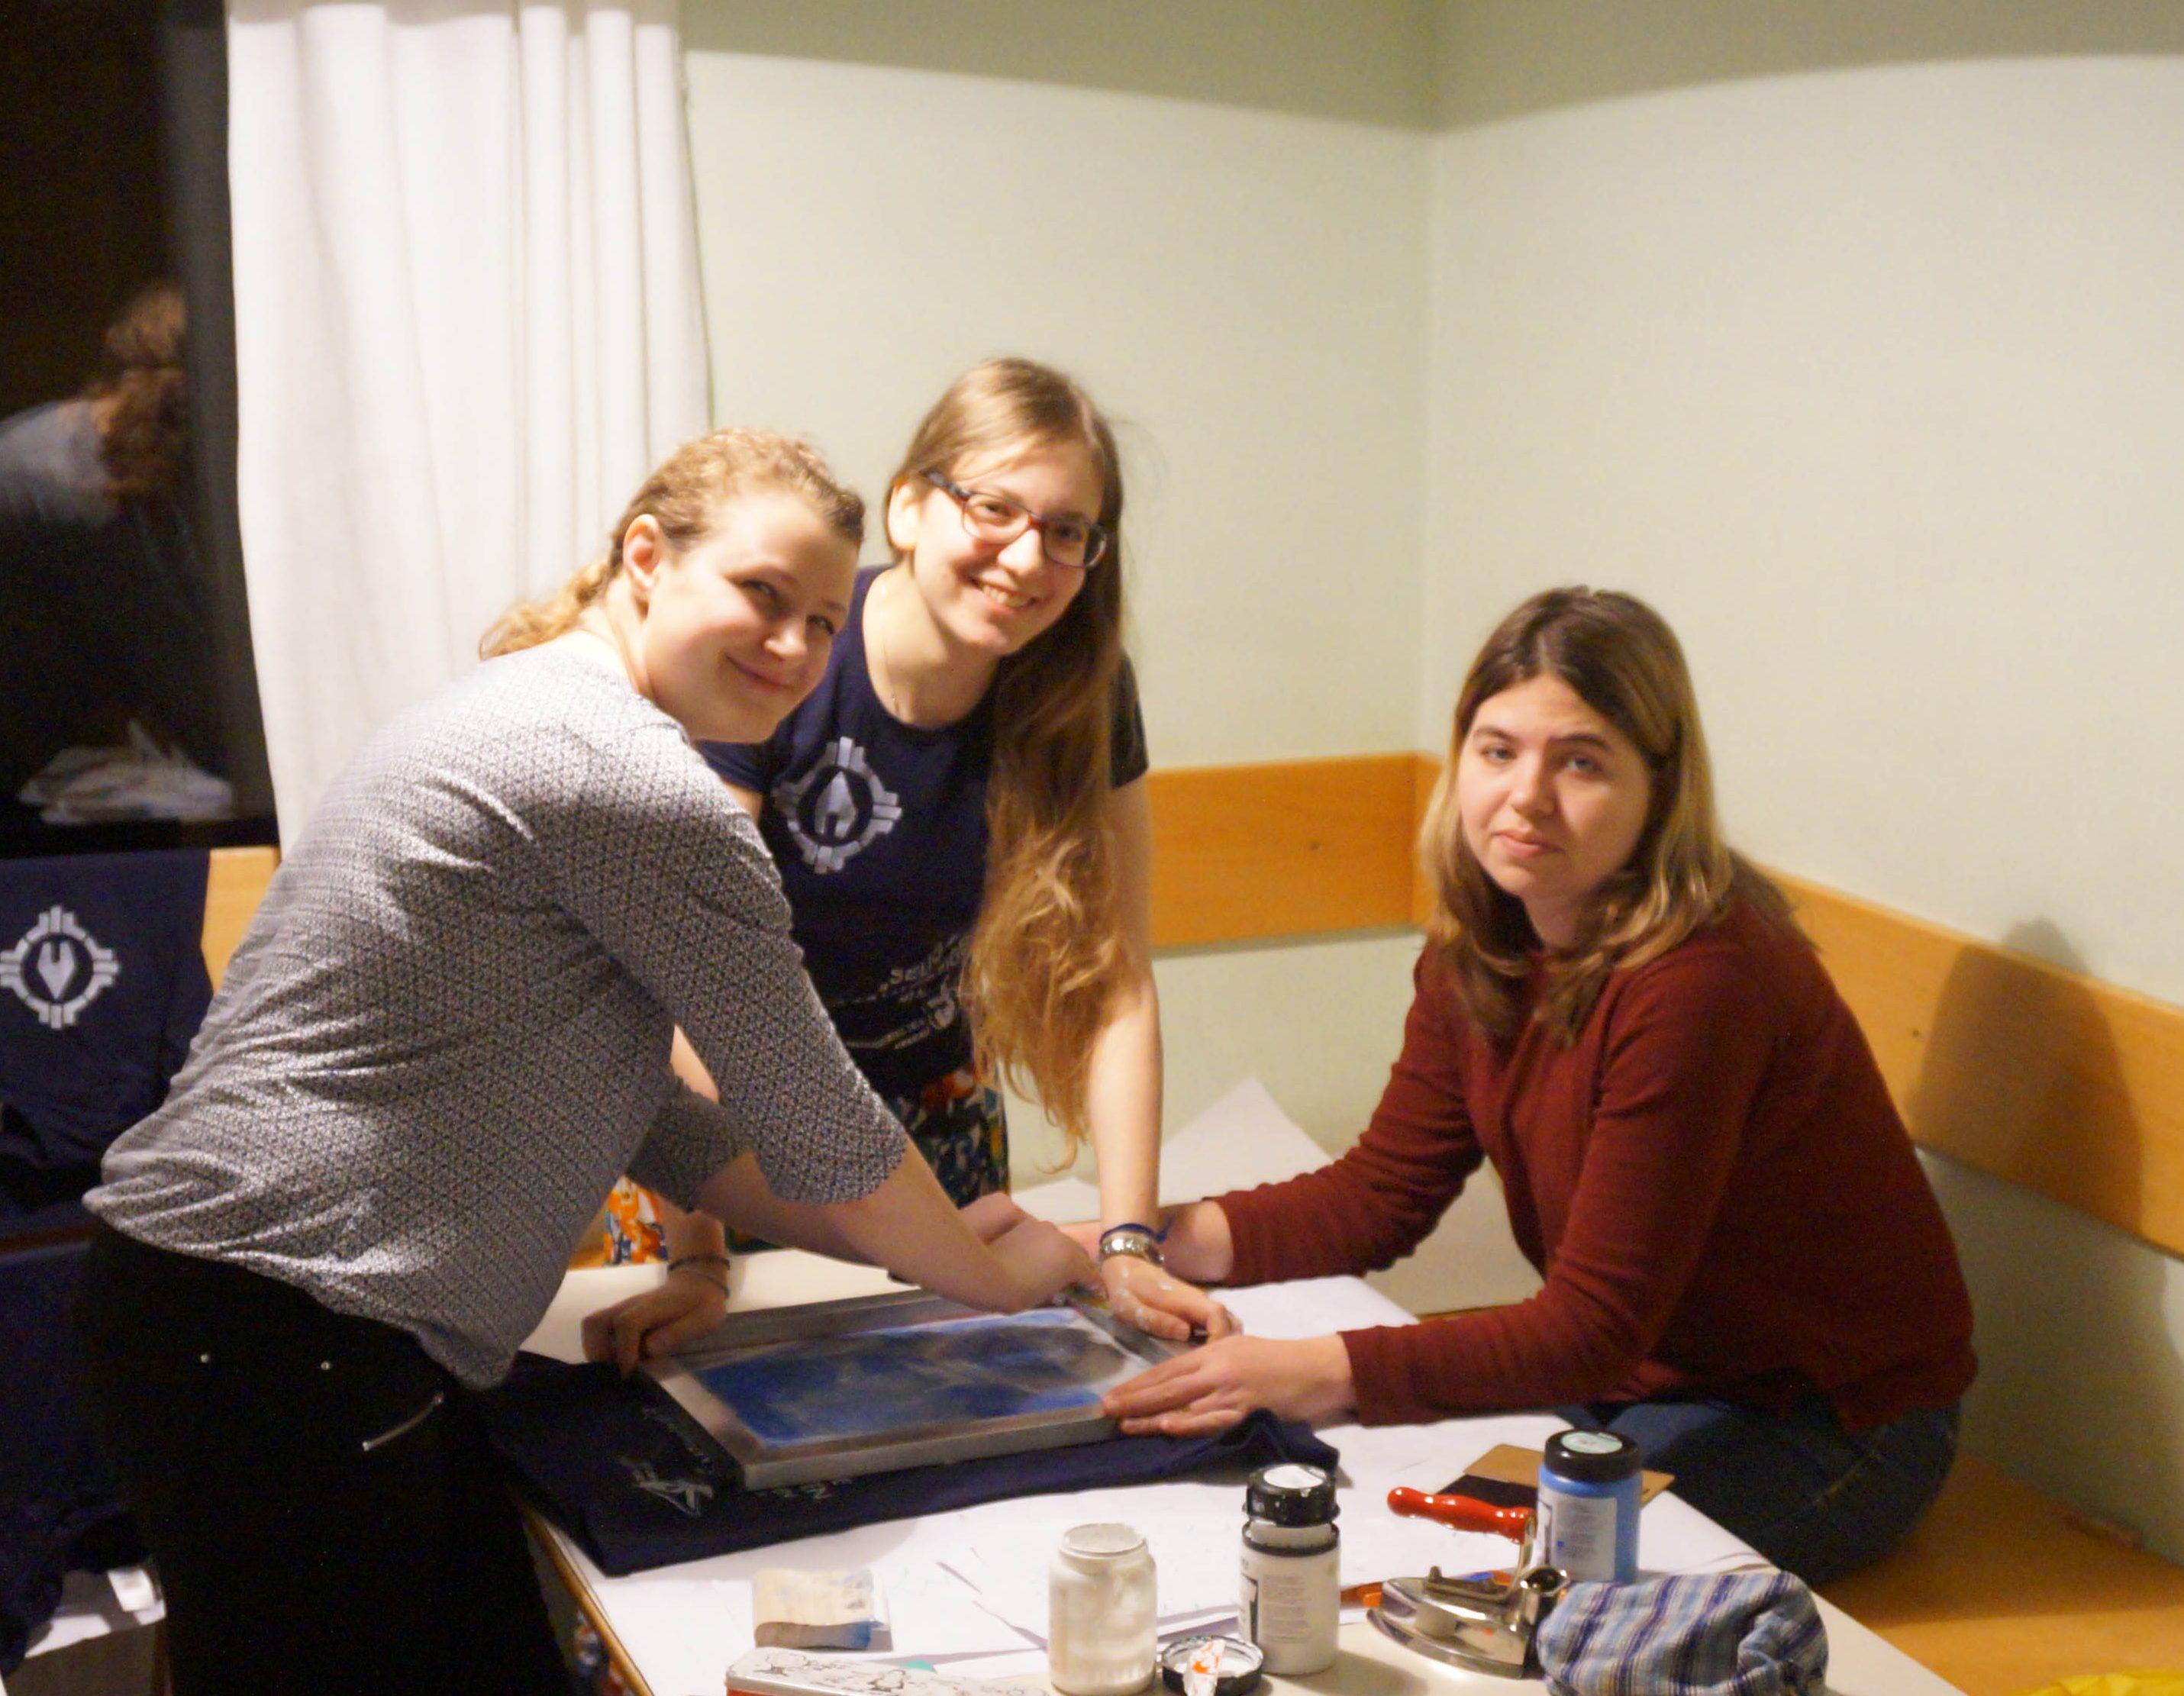 drei junge Frauen, die durch Siebdruck ein Shirt gestalten